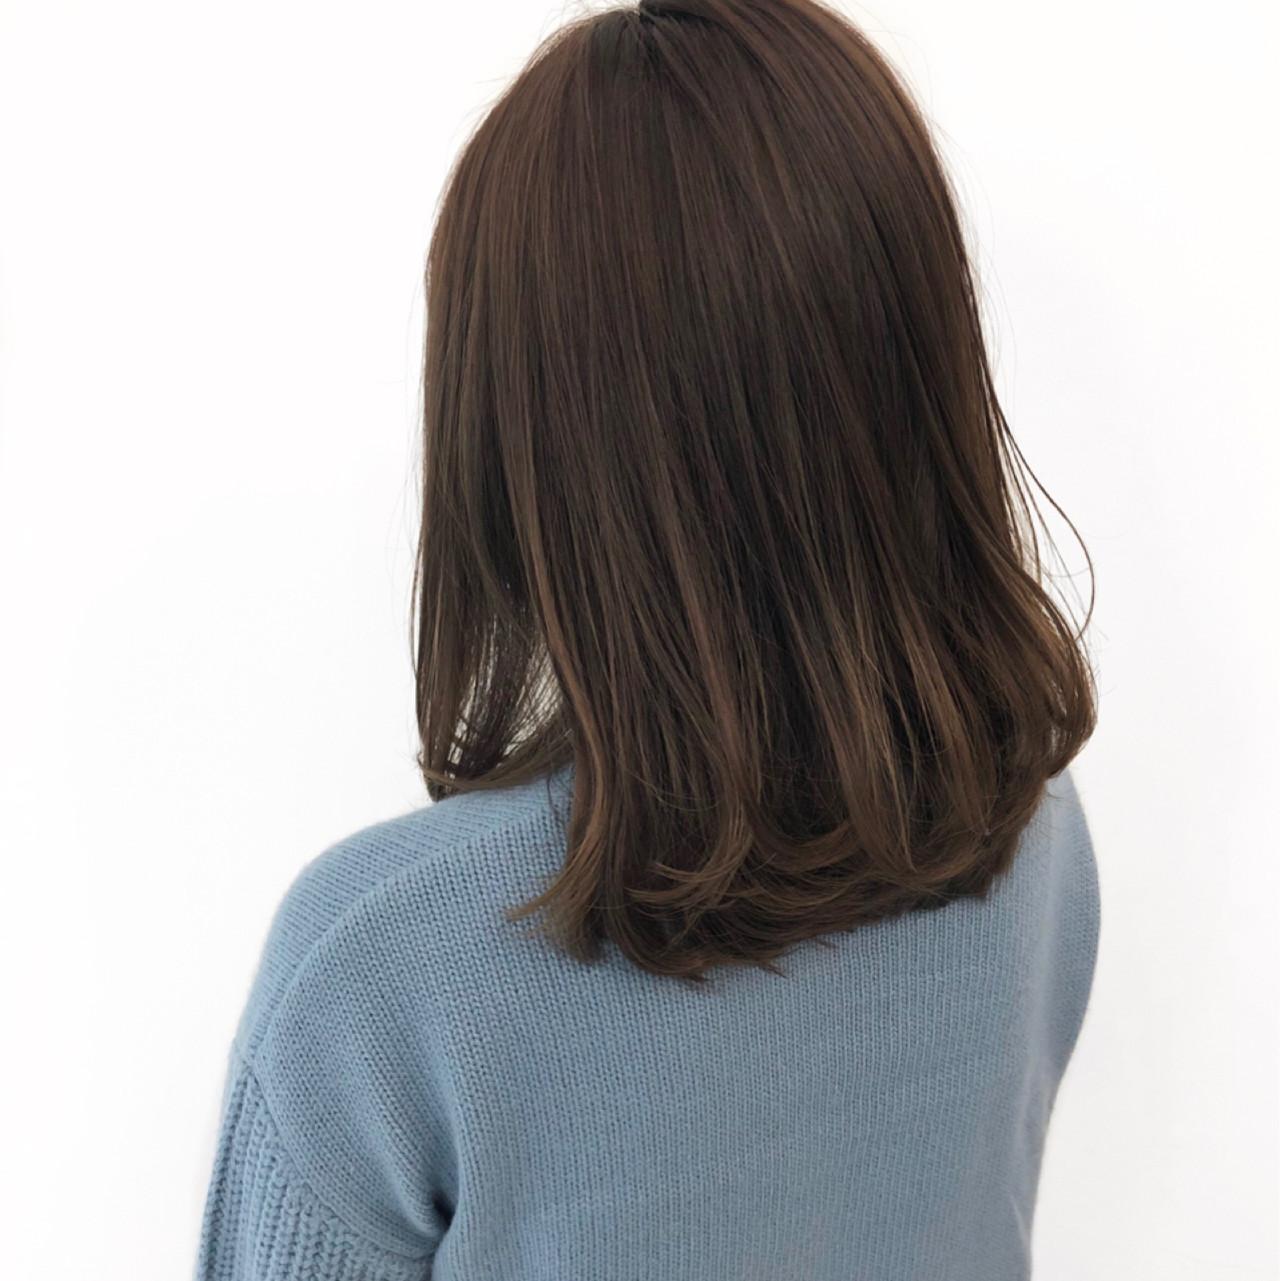 セミロング 愛され ナチュラル オフィス ヘアスタイルや髪型の写真・画像